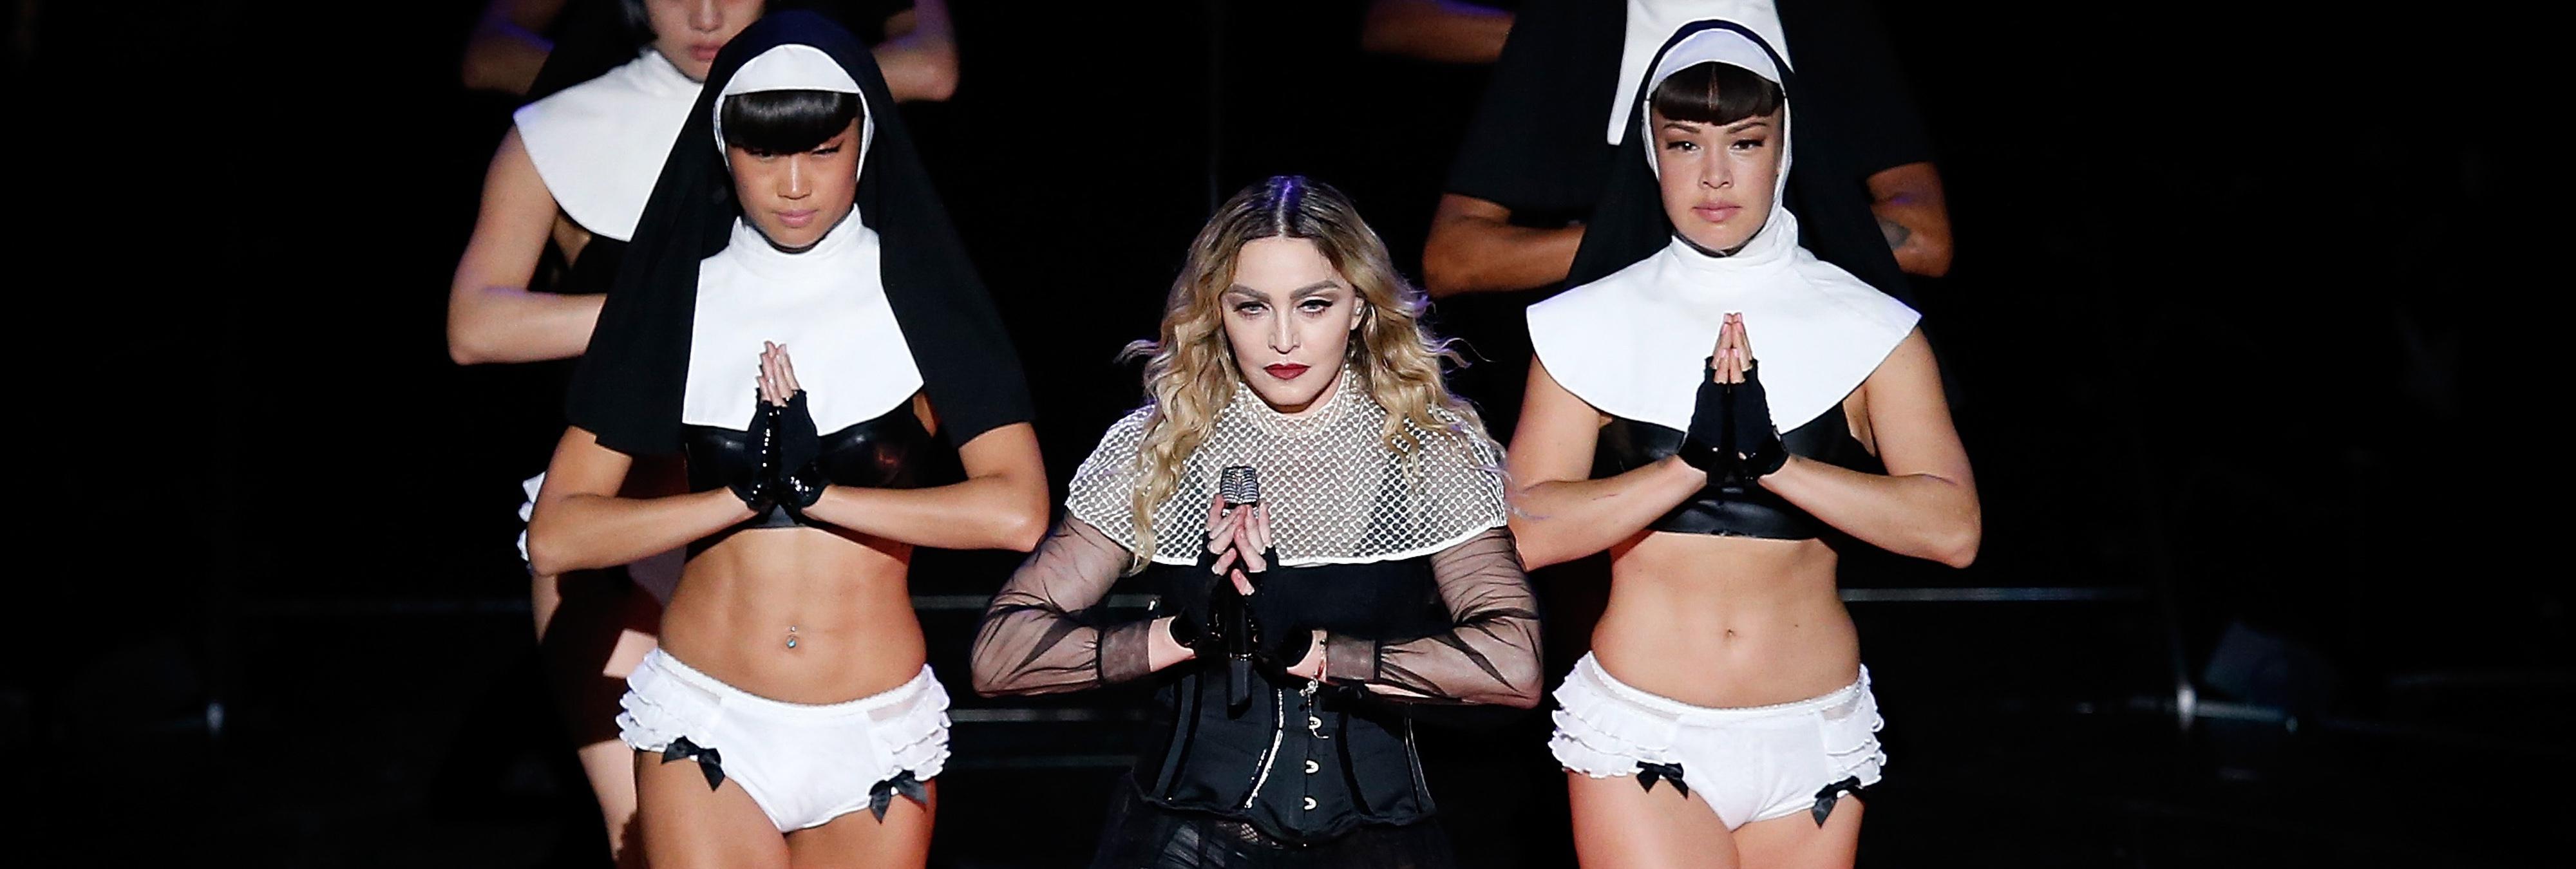 Madonna promete hacer una mamada a todo el que vote por Hillary Clinton